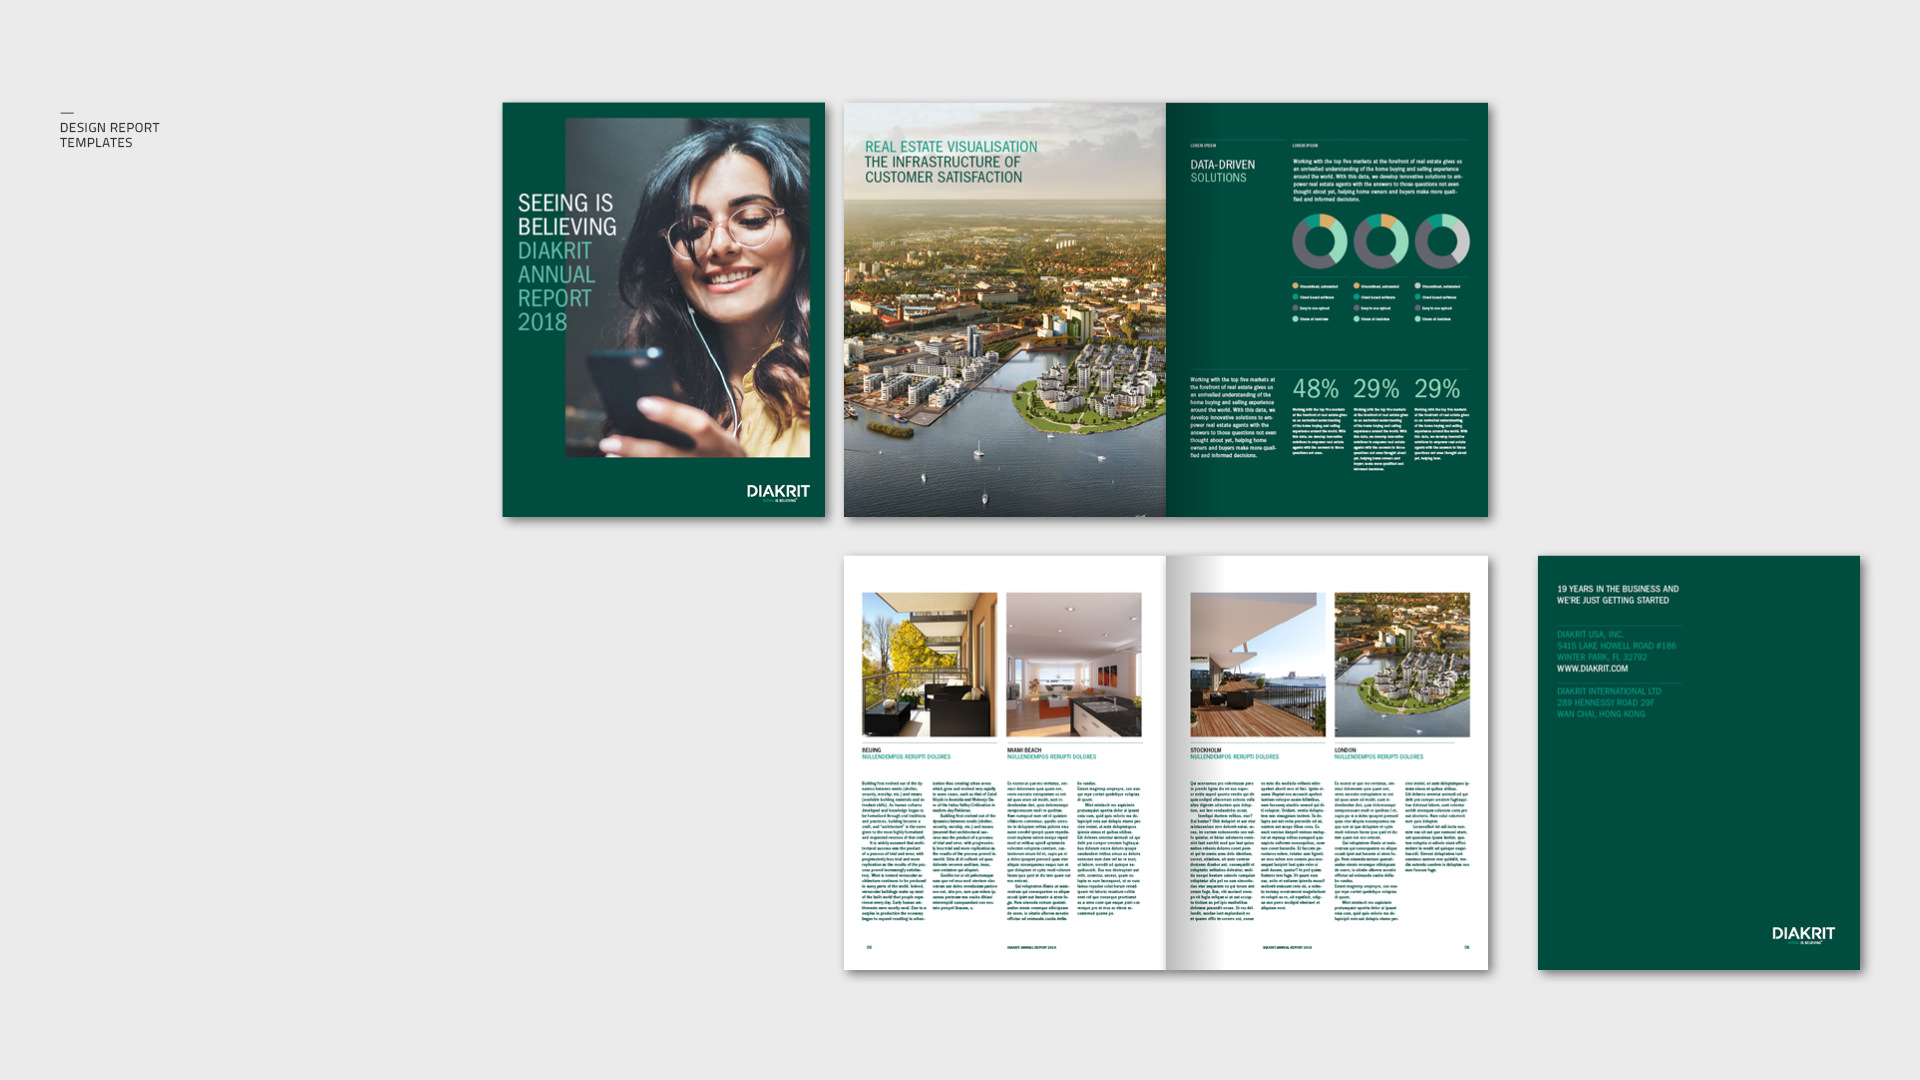 diakrit-design-annual-report-template-2